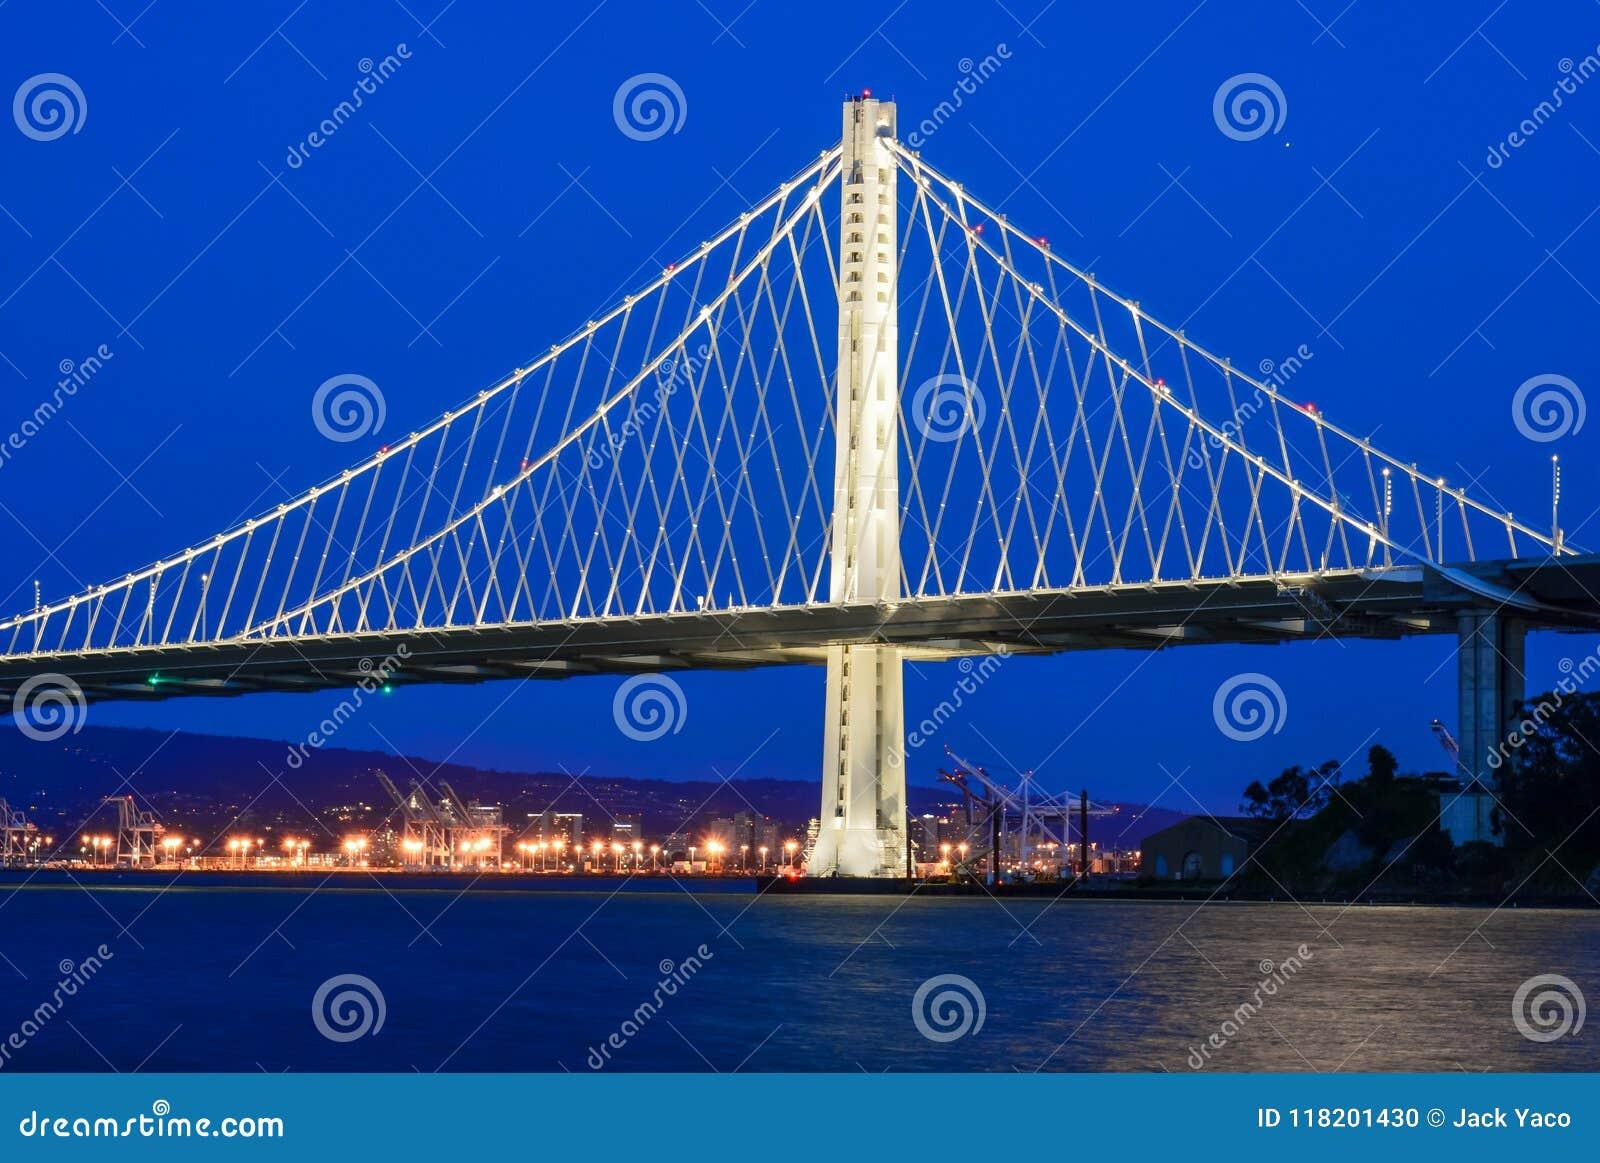 La nouvelle envergure orientale du pont de baie au crépuscule